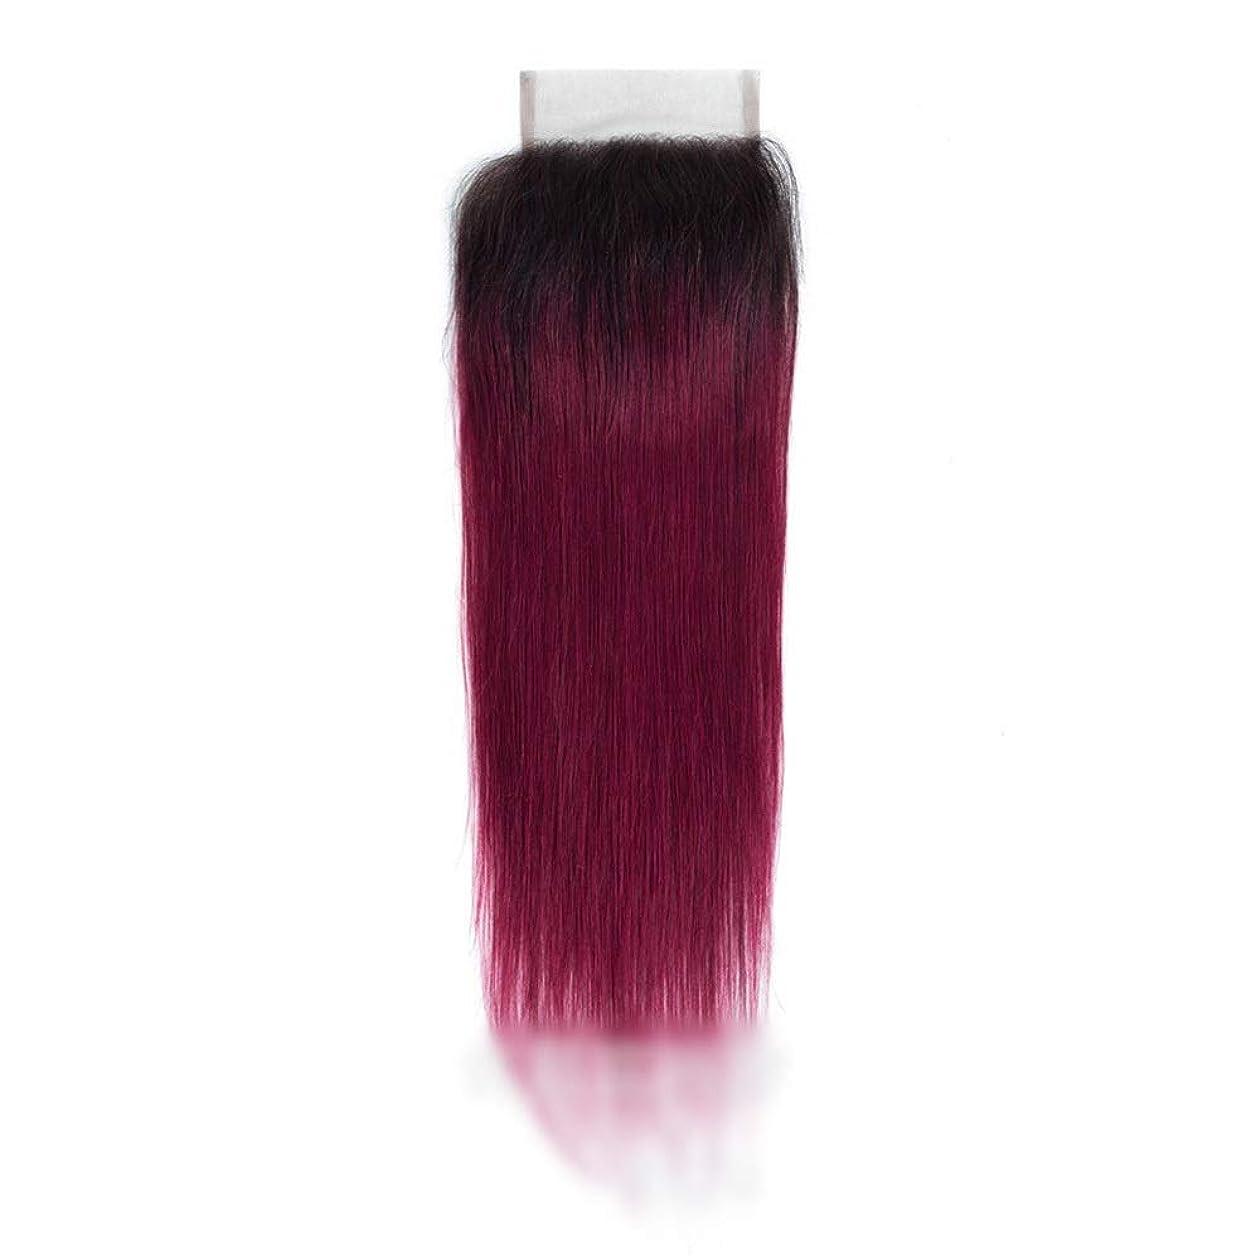 織機チューインガム応答HOHYLLYA レースの閉鎖とストレートオンブルバージンヘア、人間の髪の毛1B /バグ2トーン、オンブルヘアエクステンション織り横糸ロングストレートヘア (Color : ワインレッド, サイズ : 12 inch)